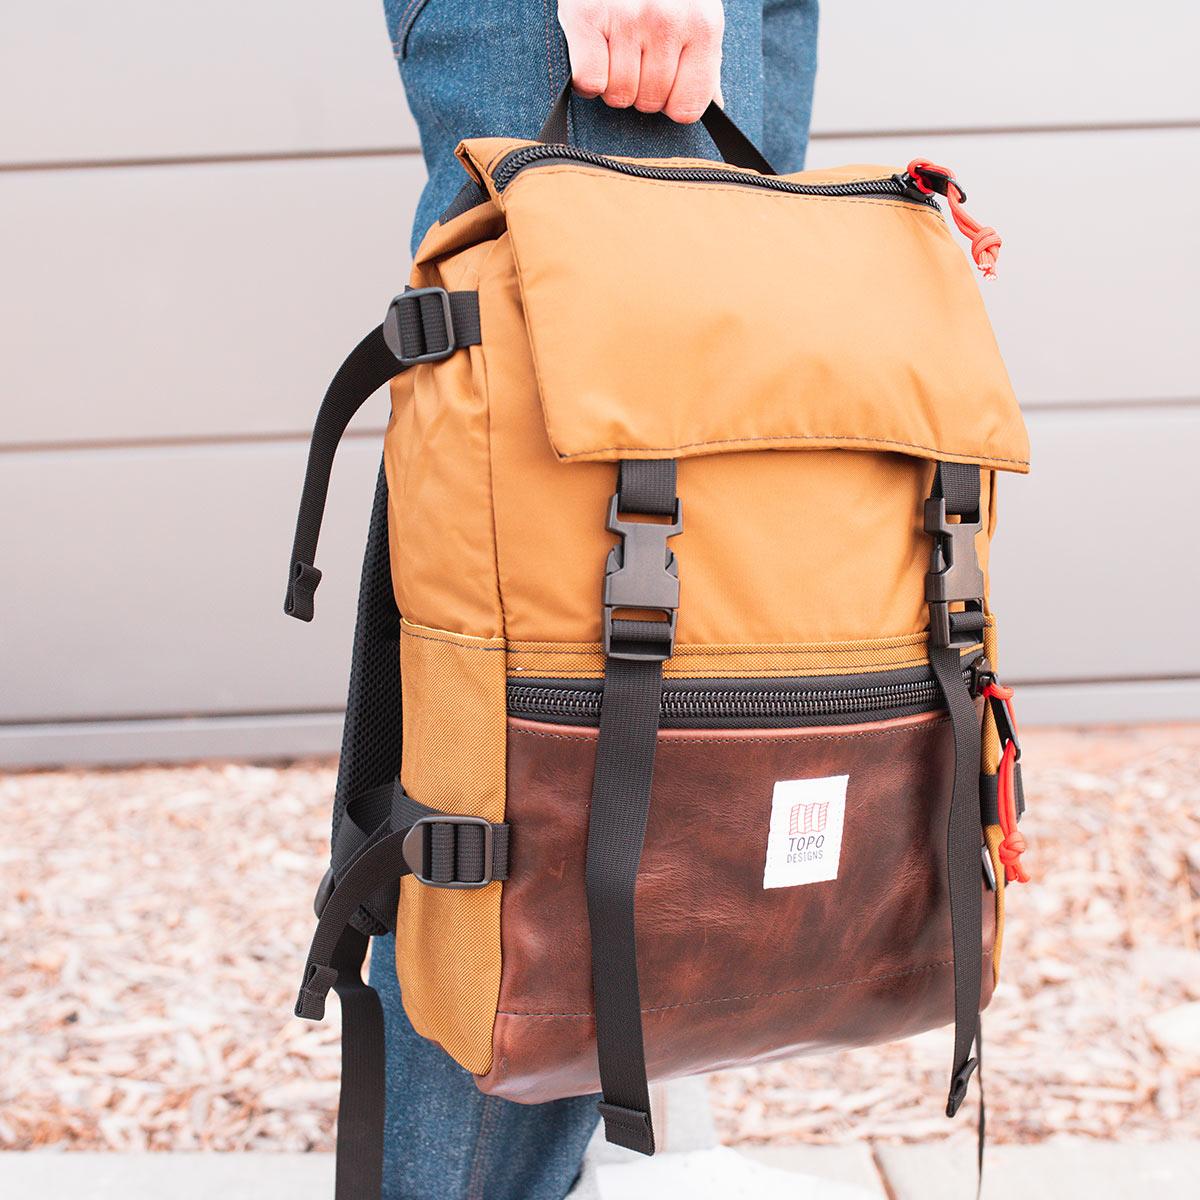 Topo Designs Rover Pack Heritage Duck Brown/Dark Brown Leather, der ideale Rucksack für den täglichen Gebrauch